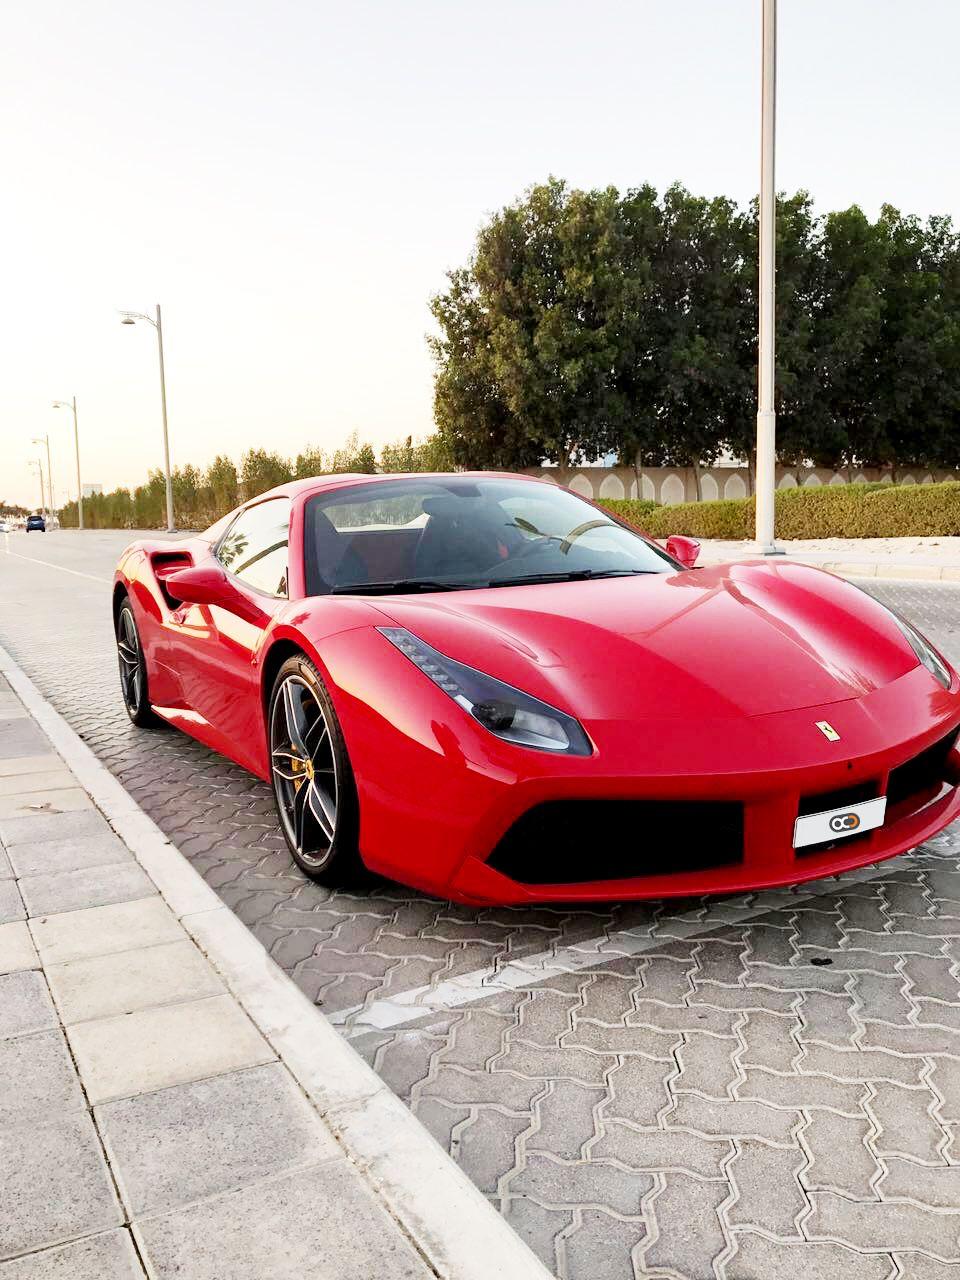 Drive the iconic 2018 Ferrari 488 Spider in Dubai 😎🇦🇪 for